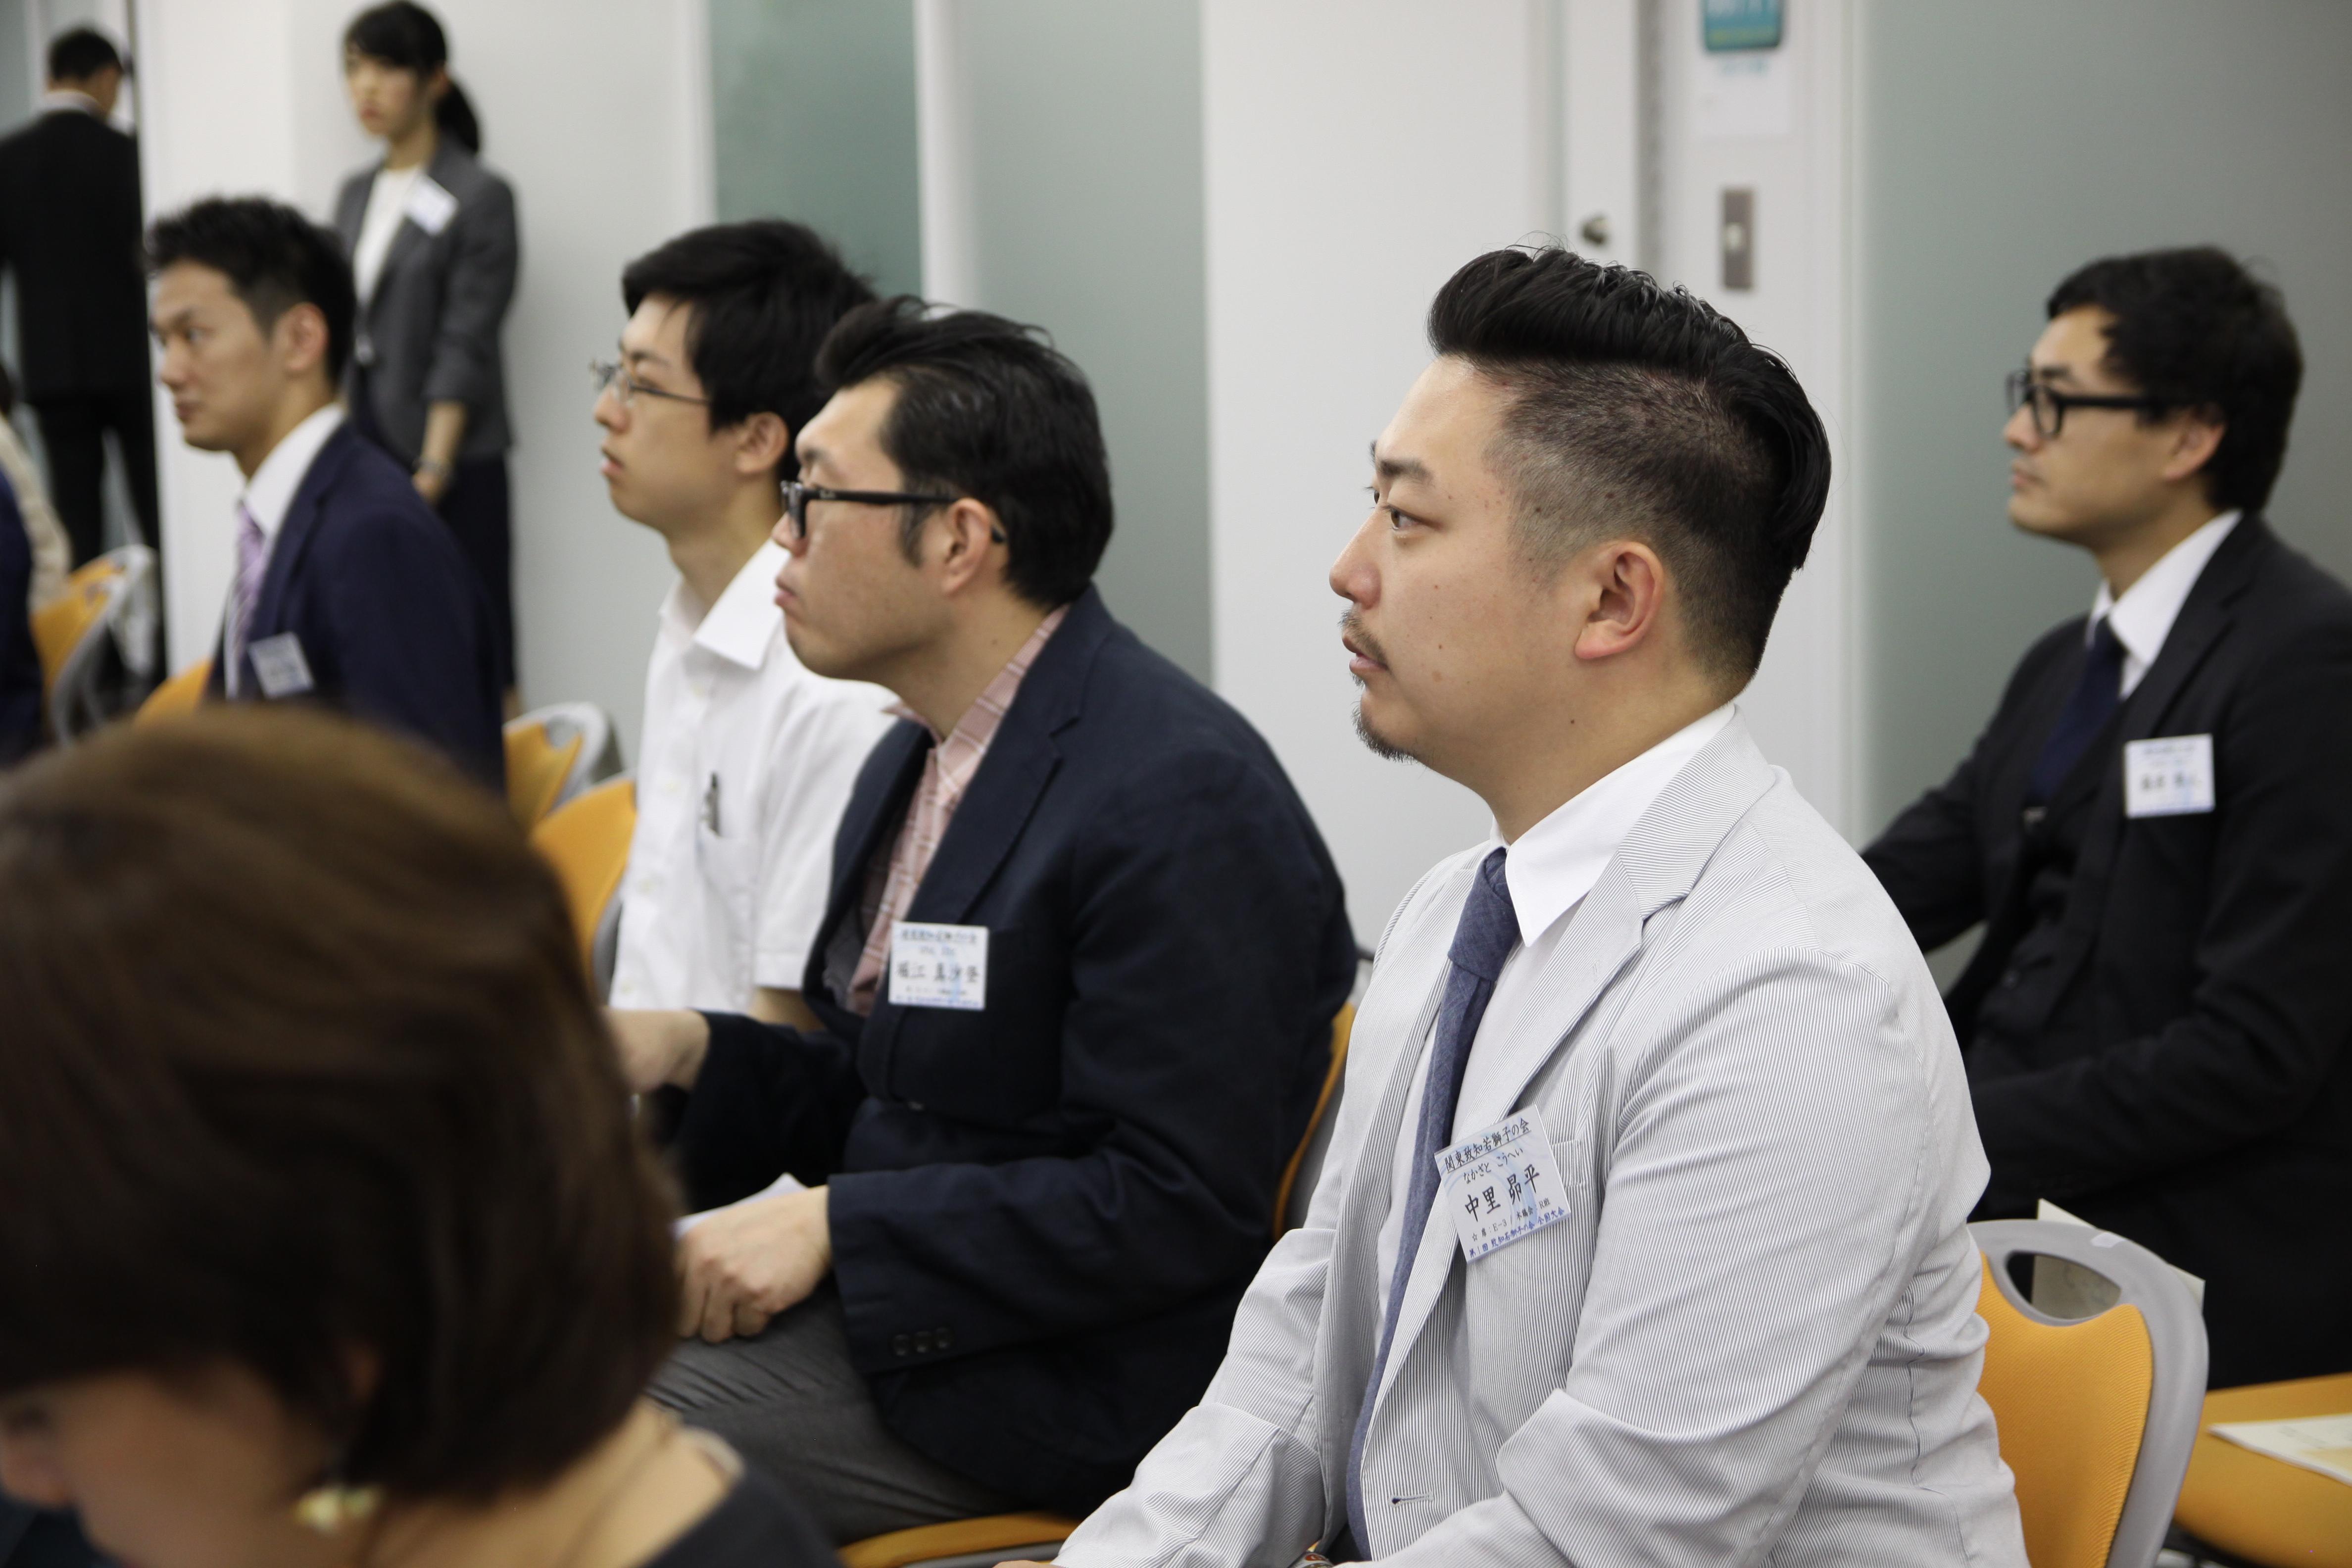 IMG 4587 - 関東若獅子の会、記念すべき第100回